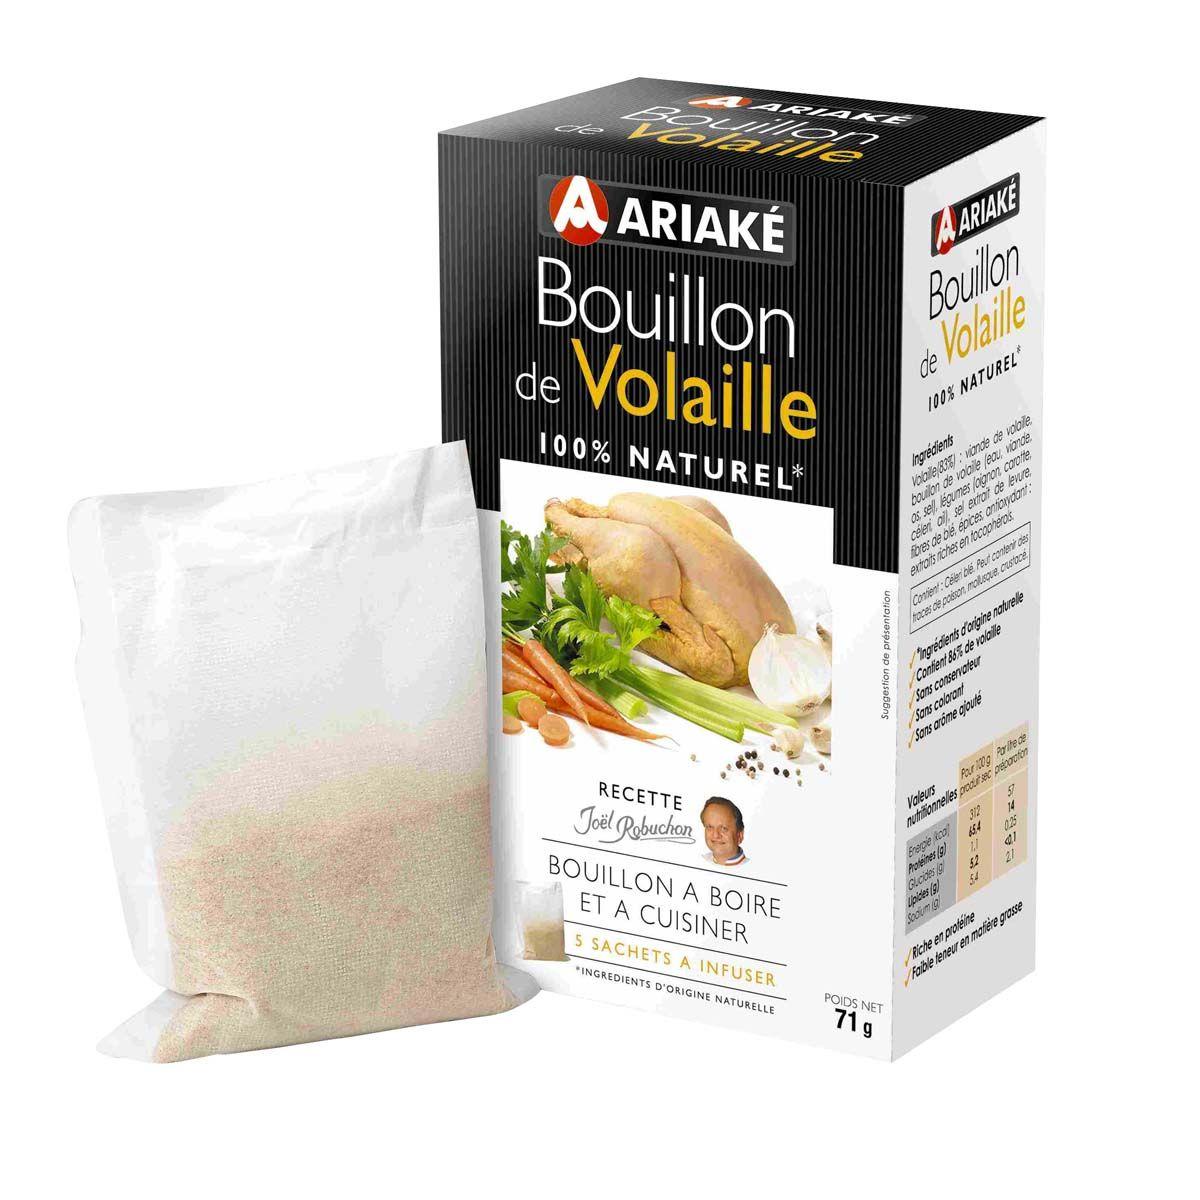 Bouillon de volaille - Ariake